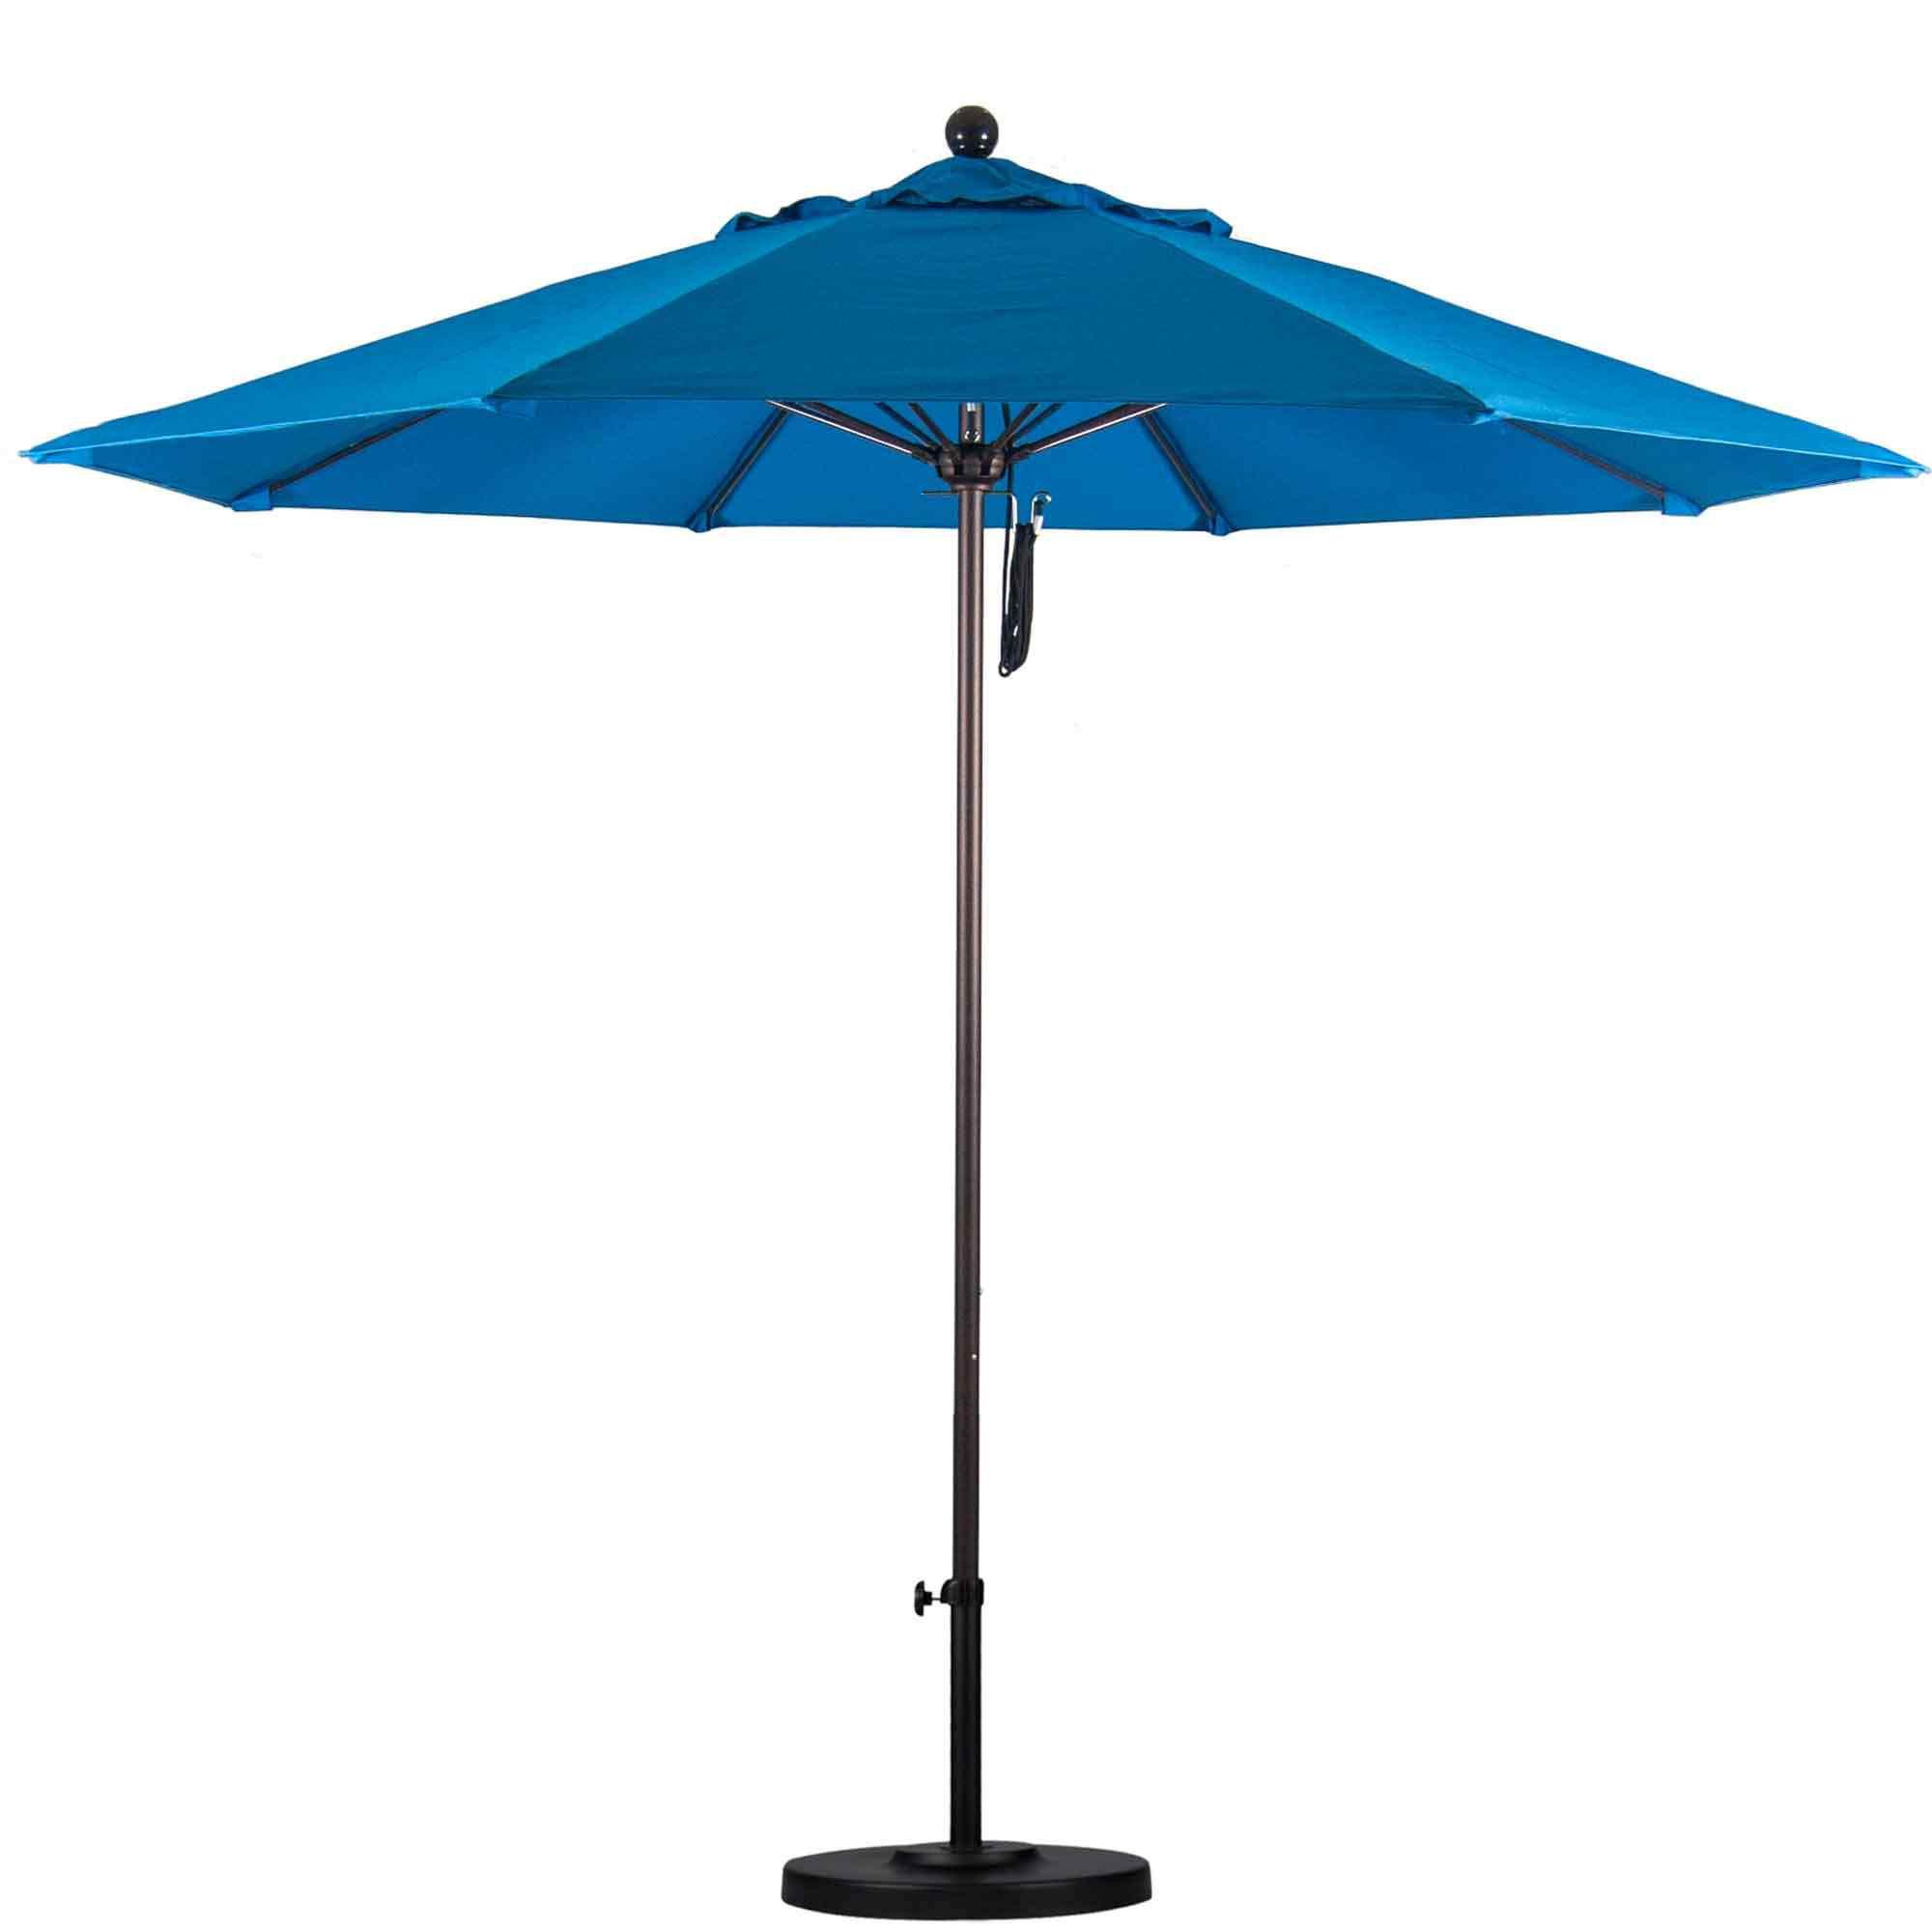 Best ideas about Sunbrella Patio Umbrellas . Save or Pin 11 Ft Sunbrella Pulley Patio Umbrella with Bronze Pole Now.